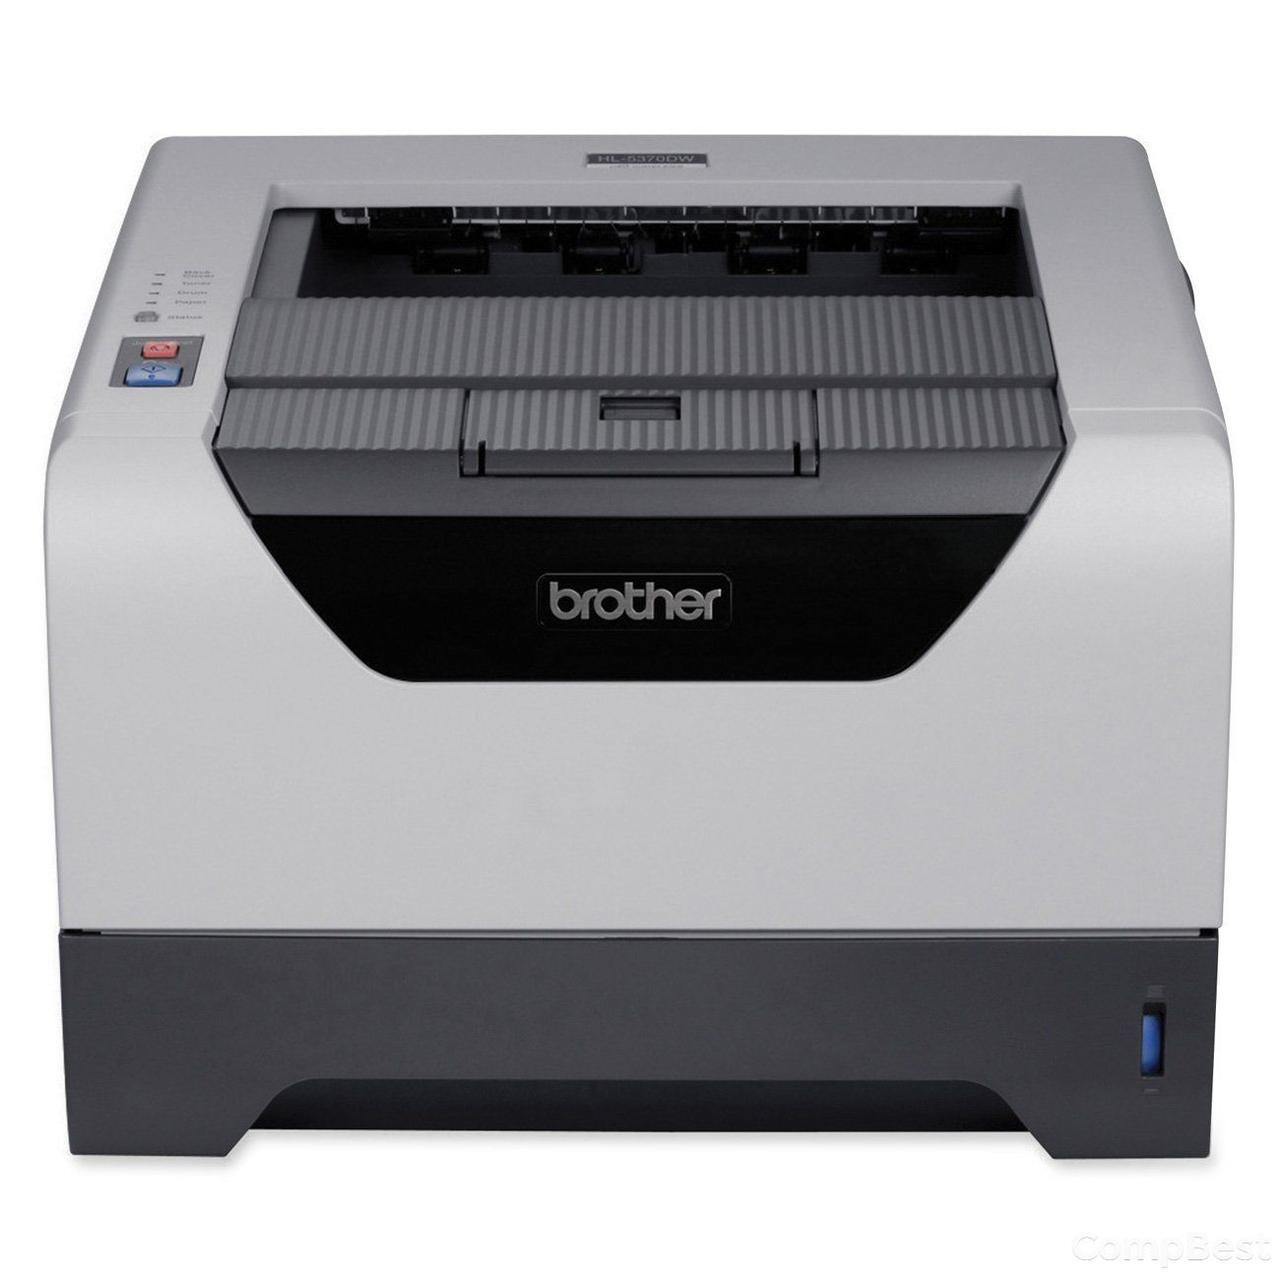 BROTHER HL 5350DN / лазерная монохромная печать / A4 / 30 стр. мин / USB, Ethernet, IEEE 1284